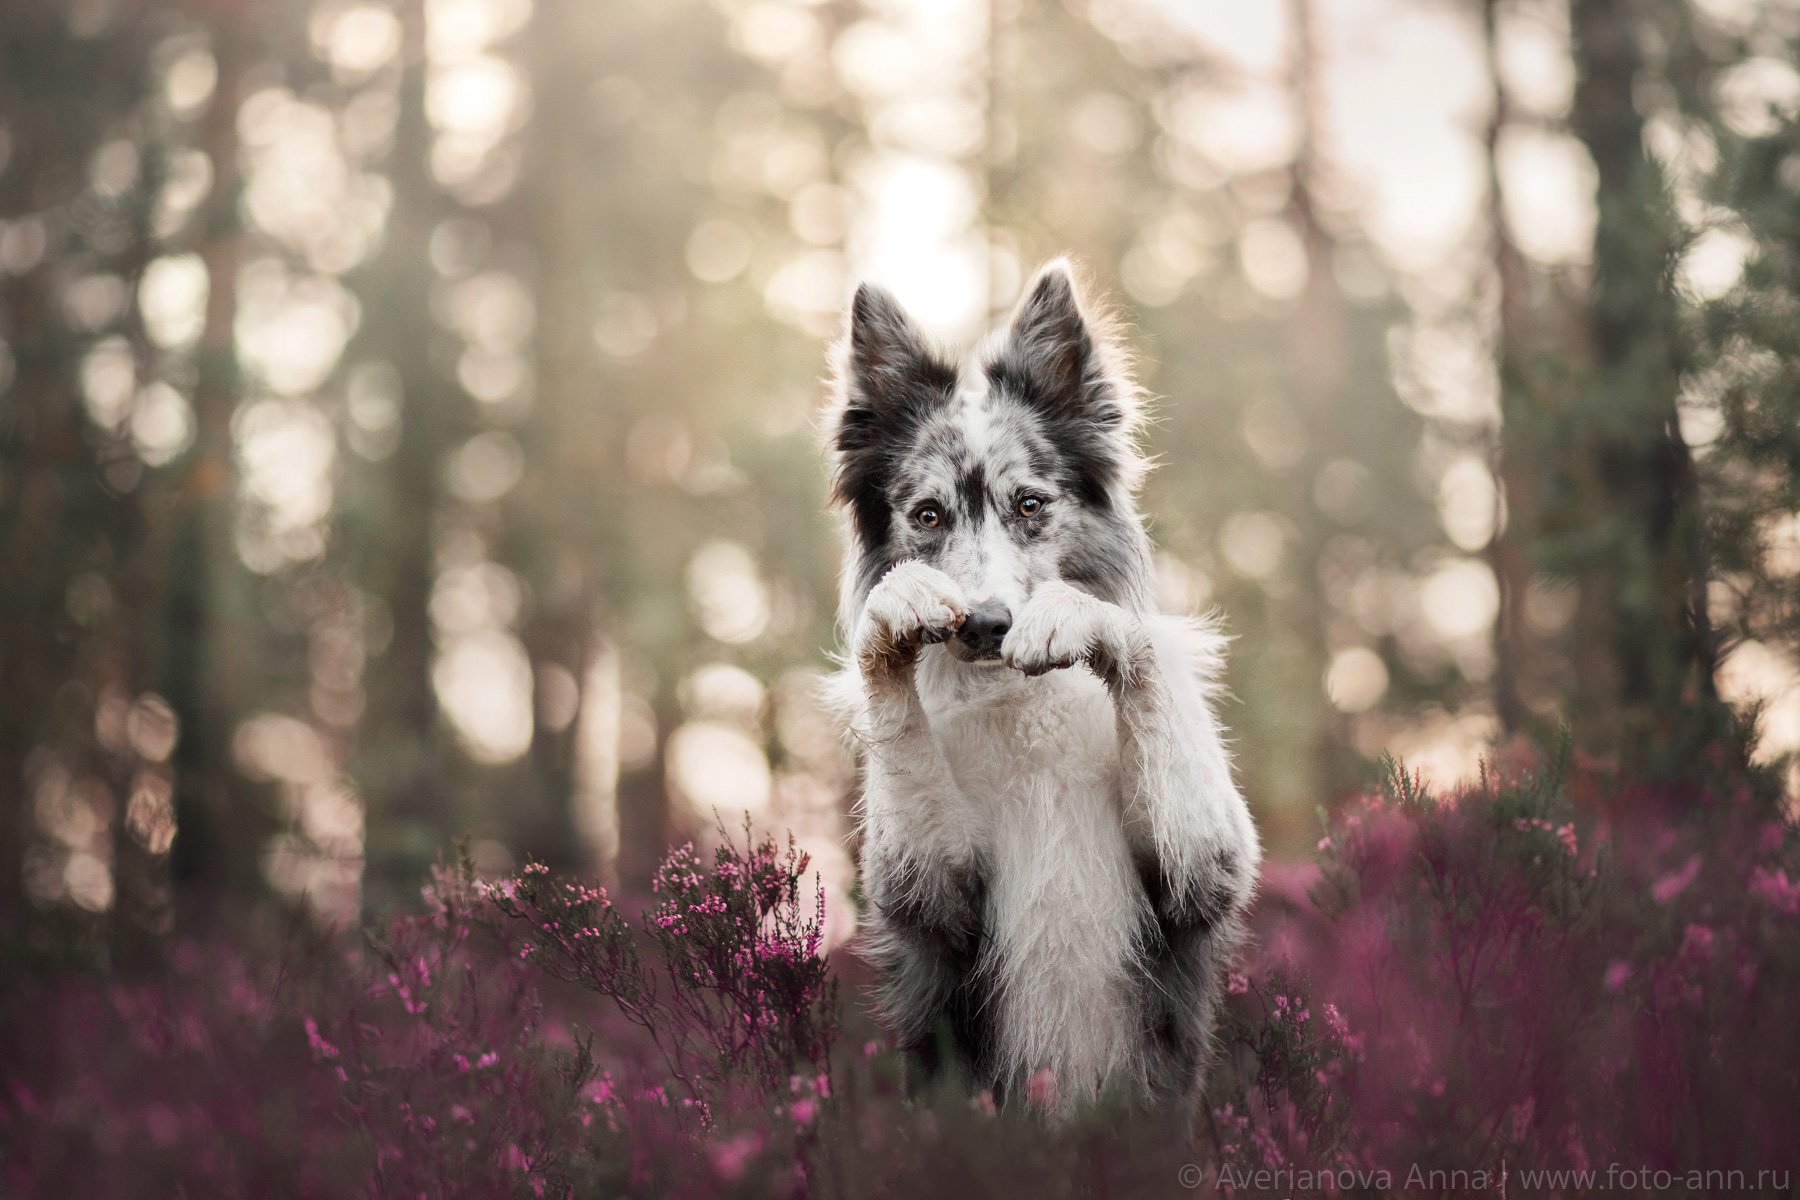 собака, природа, лес, вереск, Анна Аверьянова